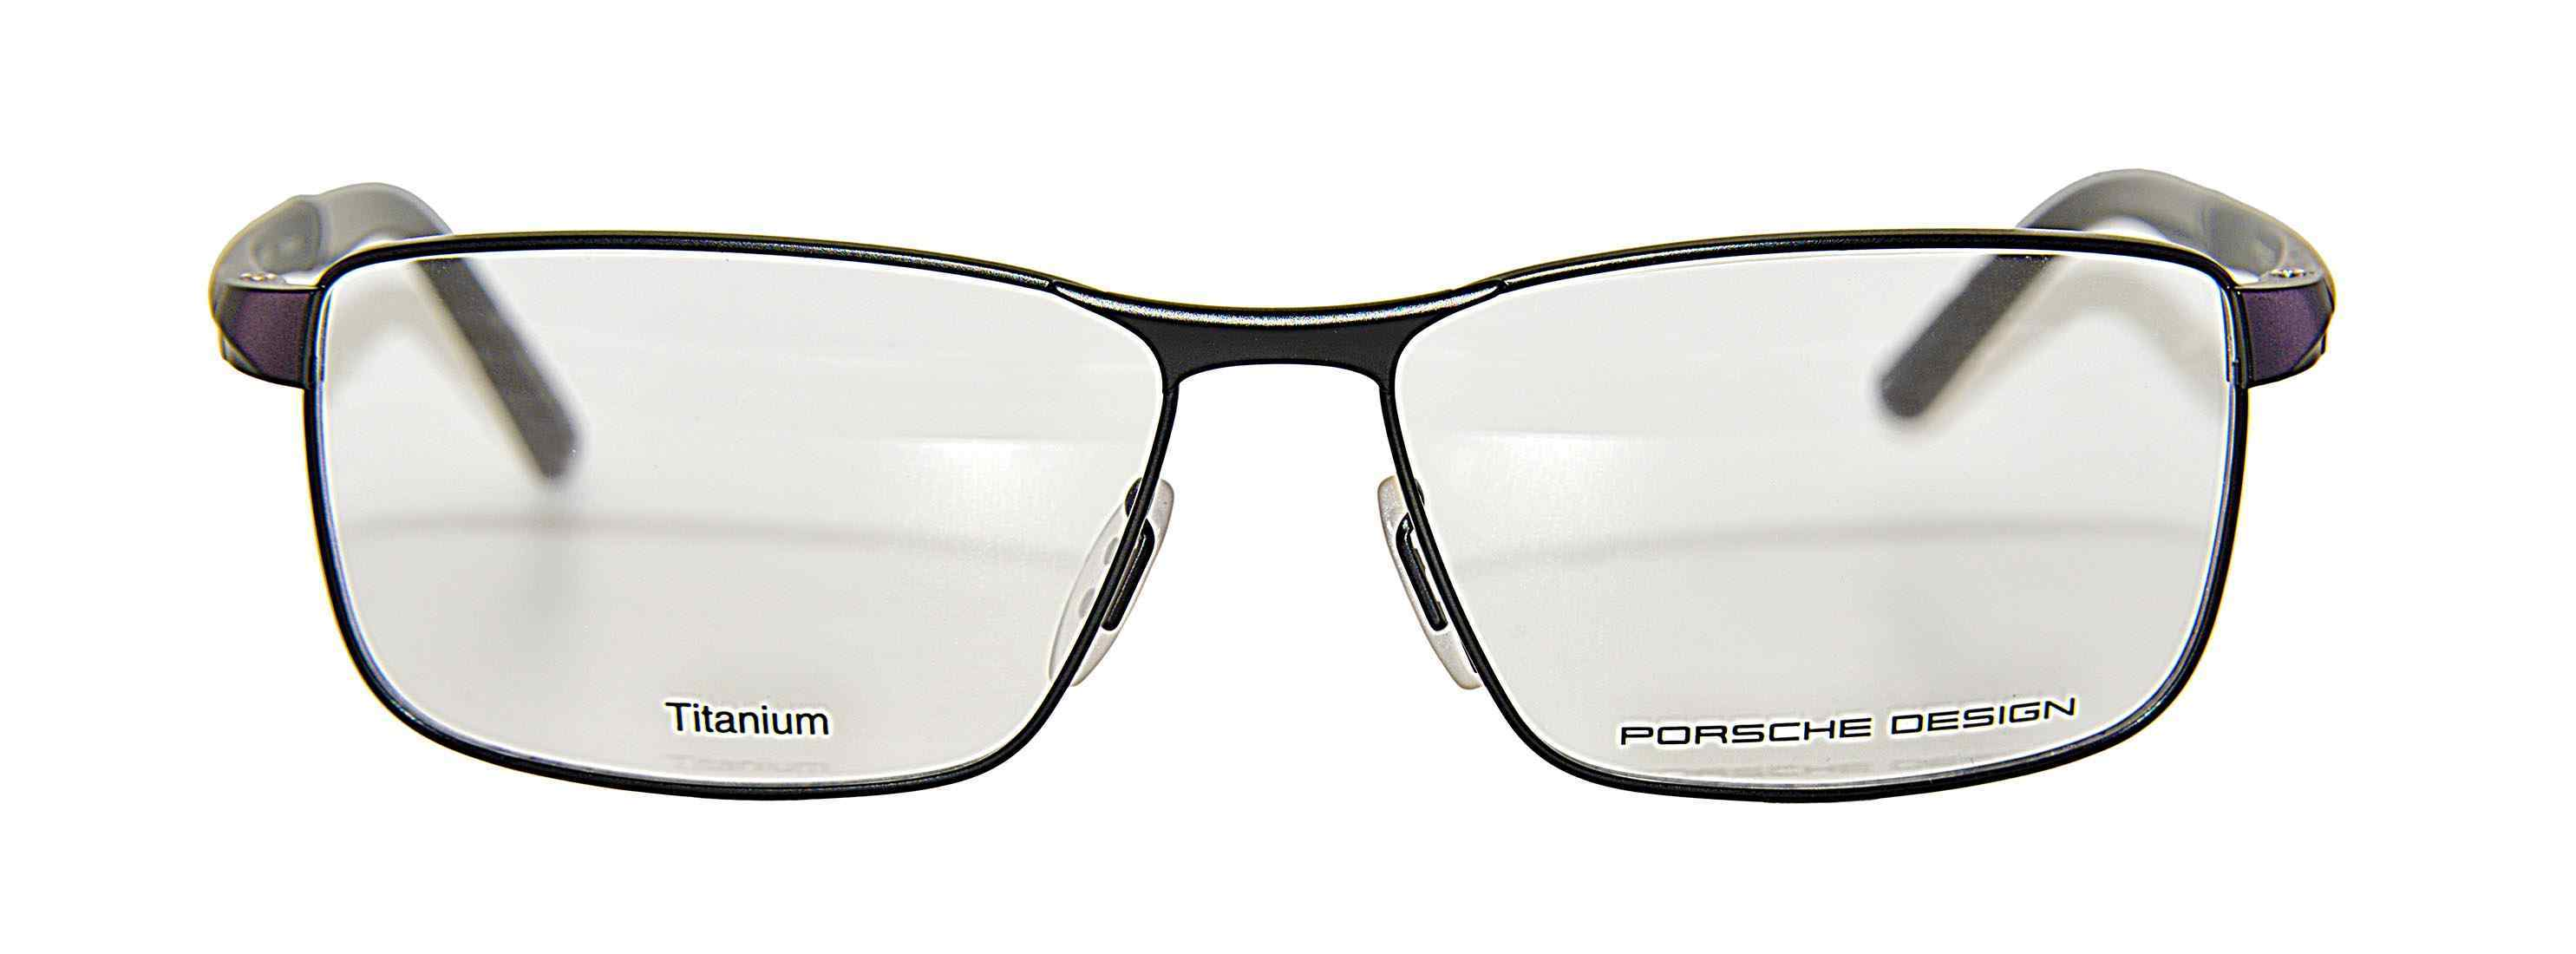 Porsche Design P 8273 A 02 2970x1100